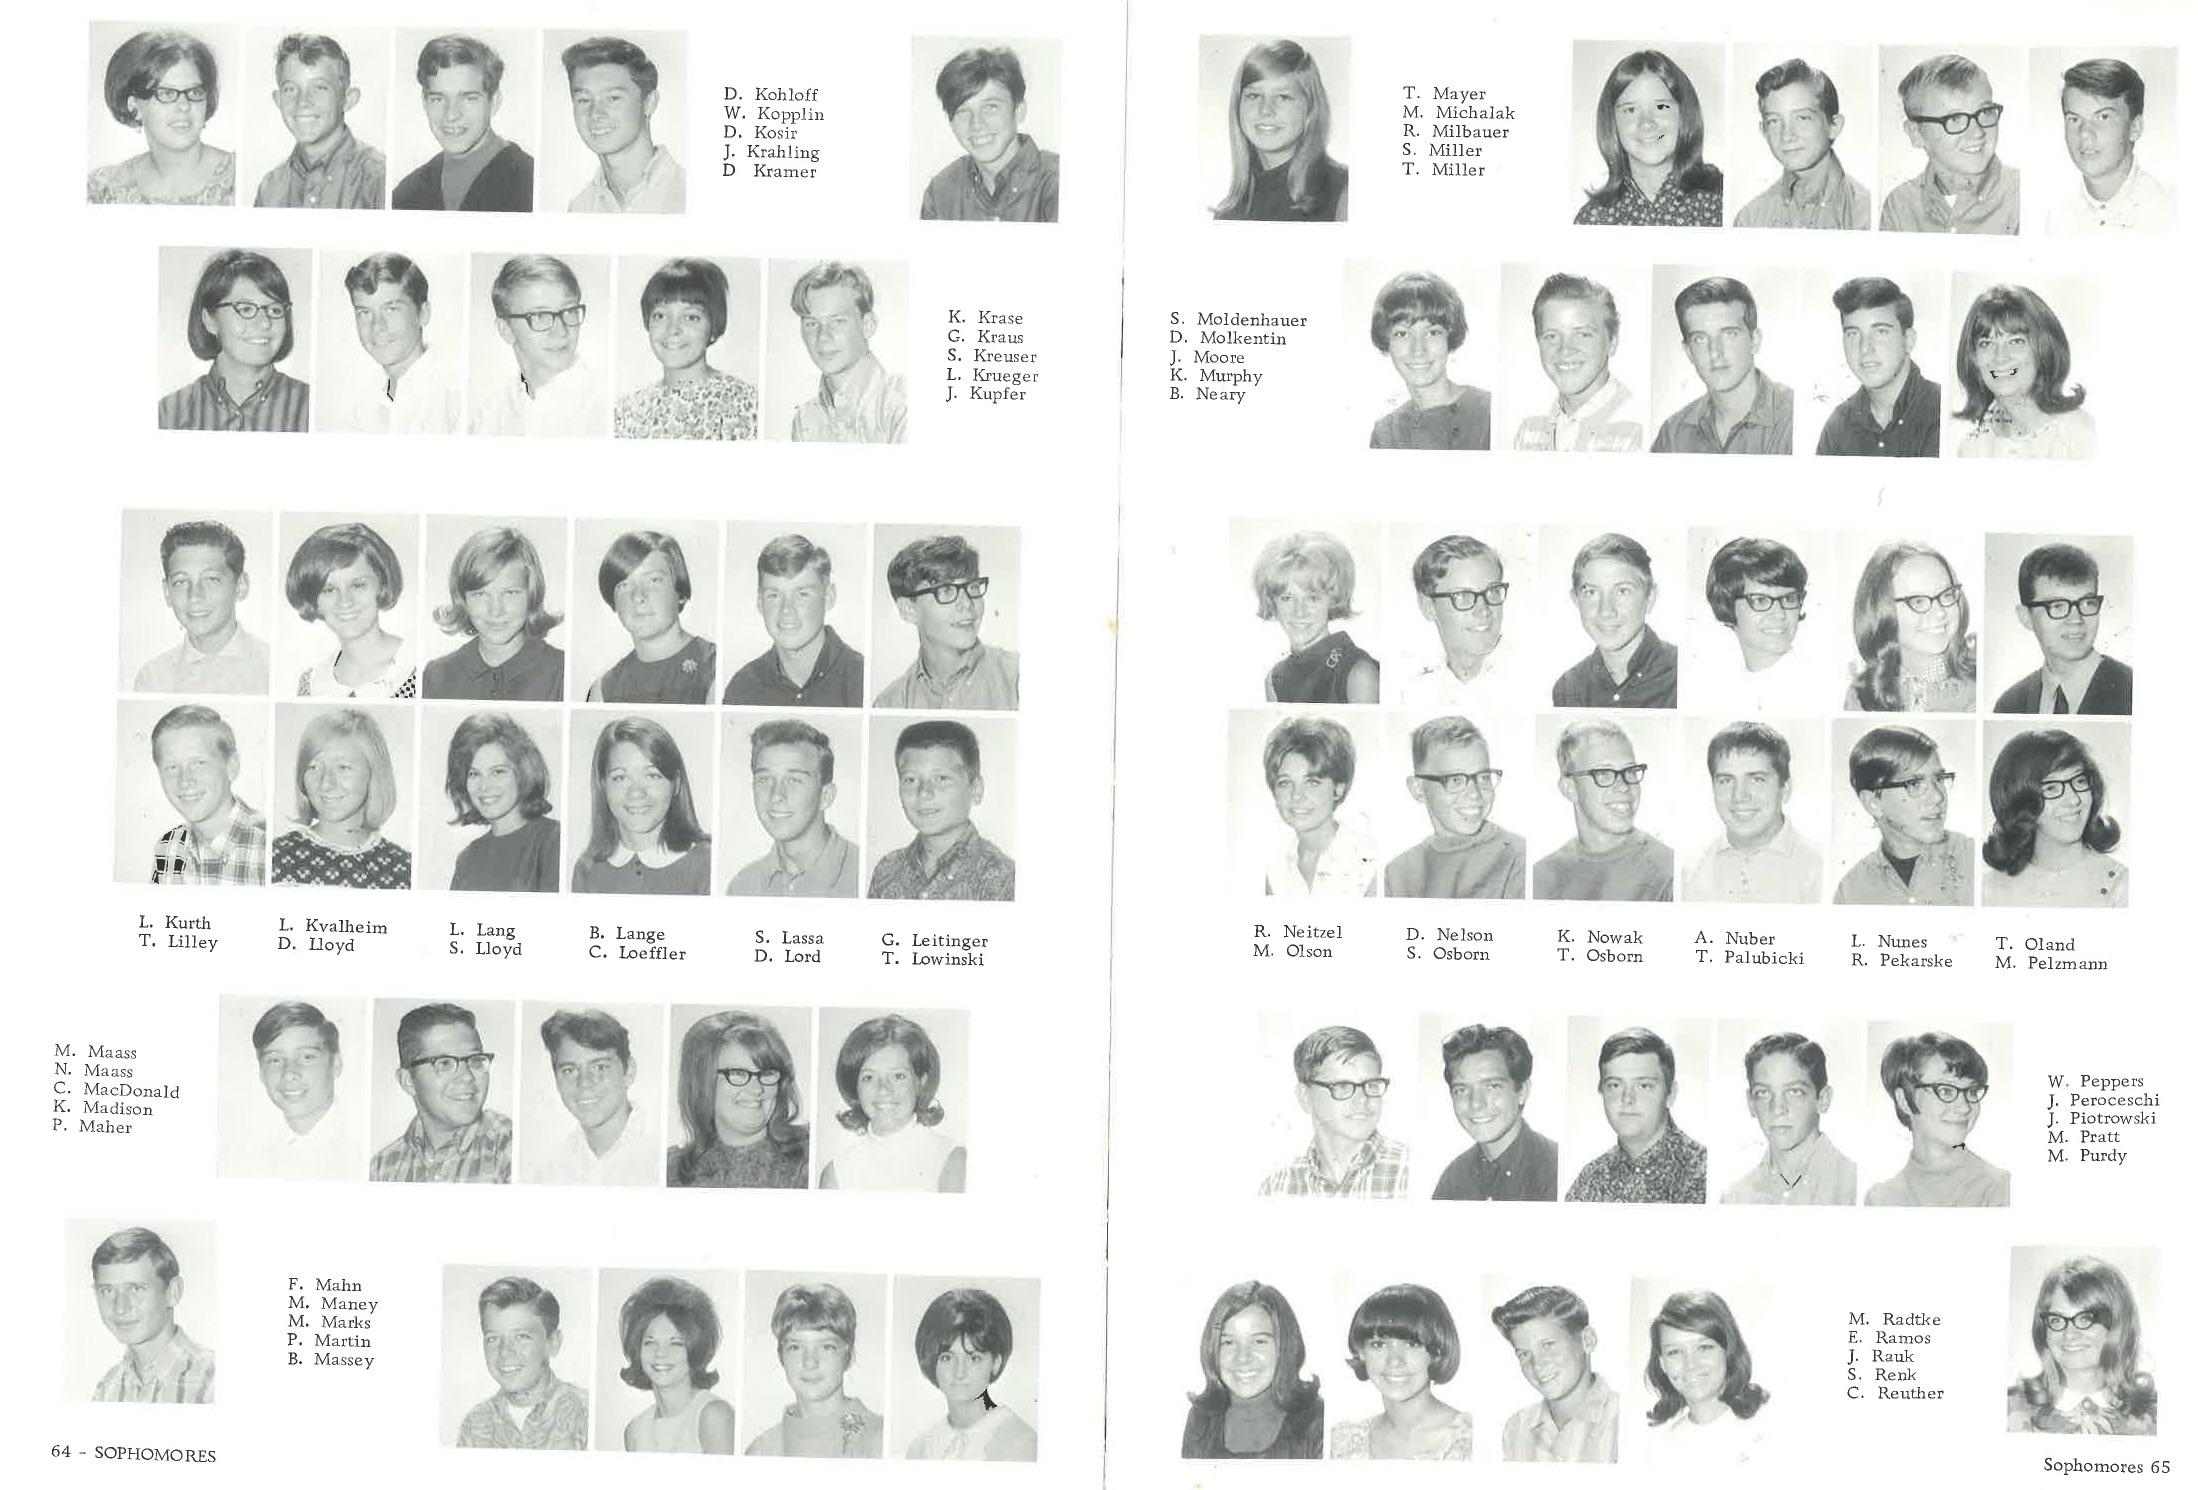 1968_Yearbook_33.jpg